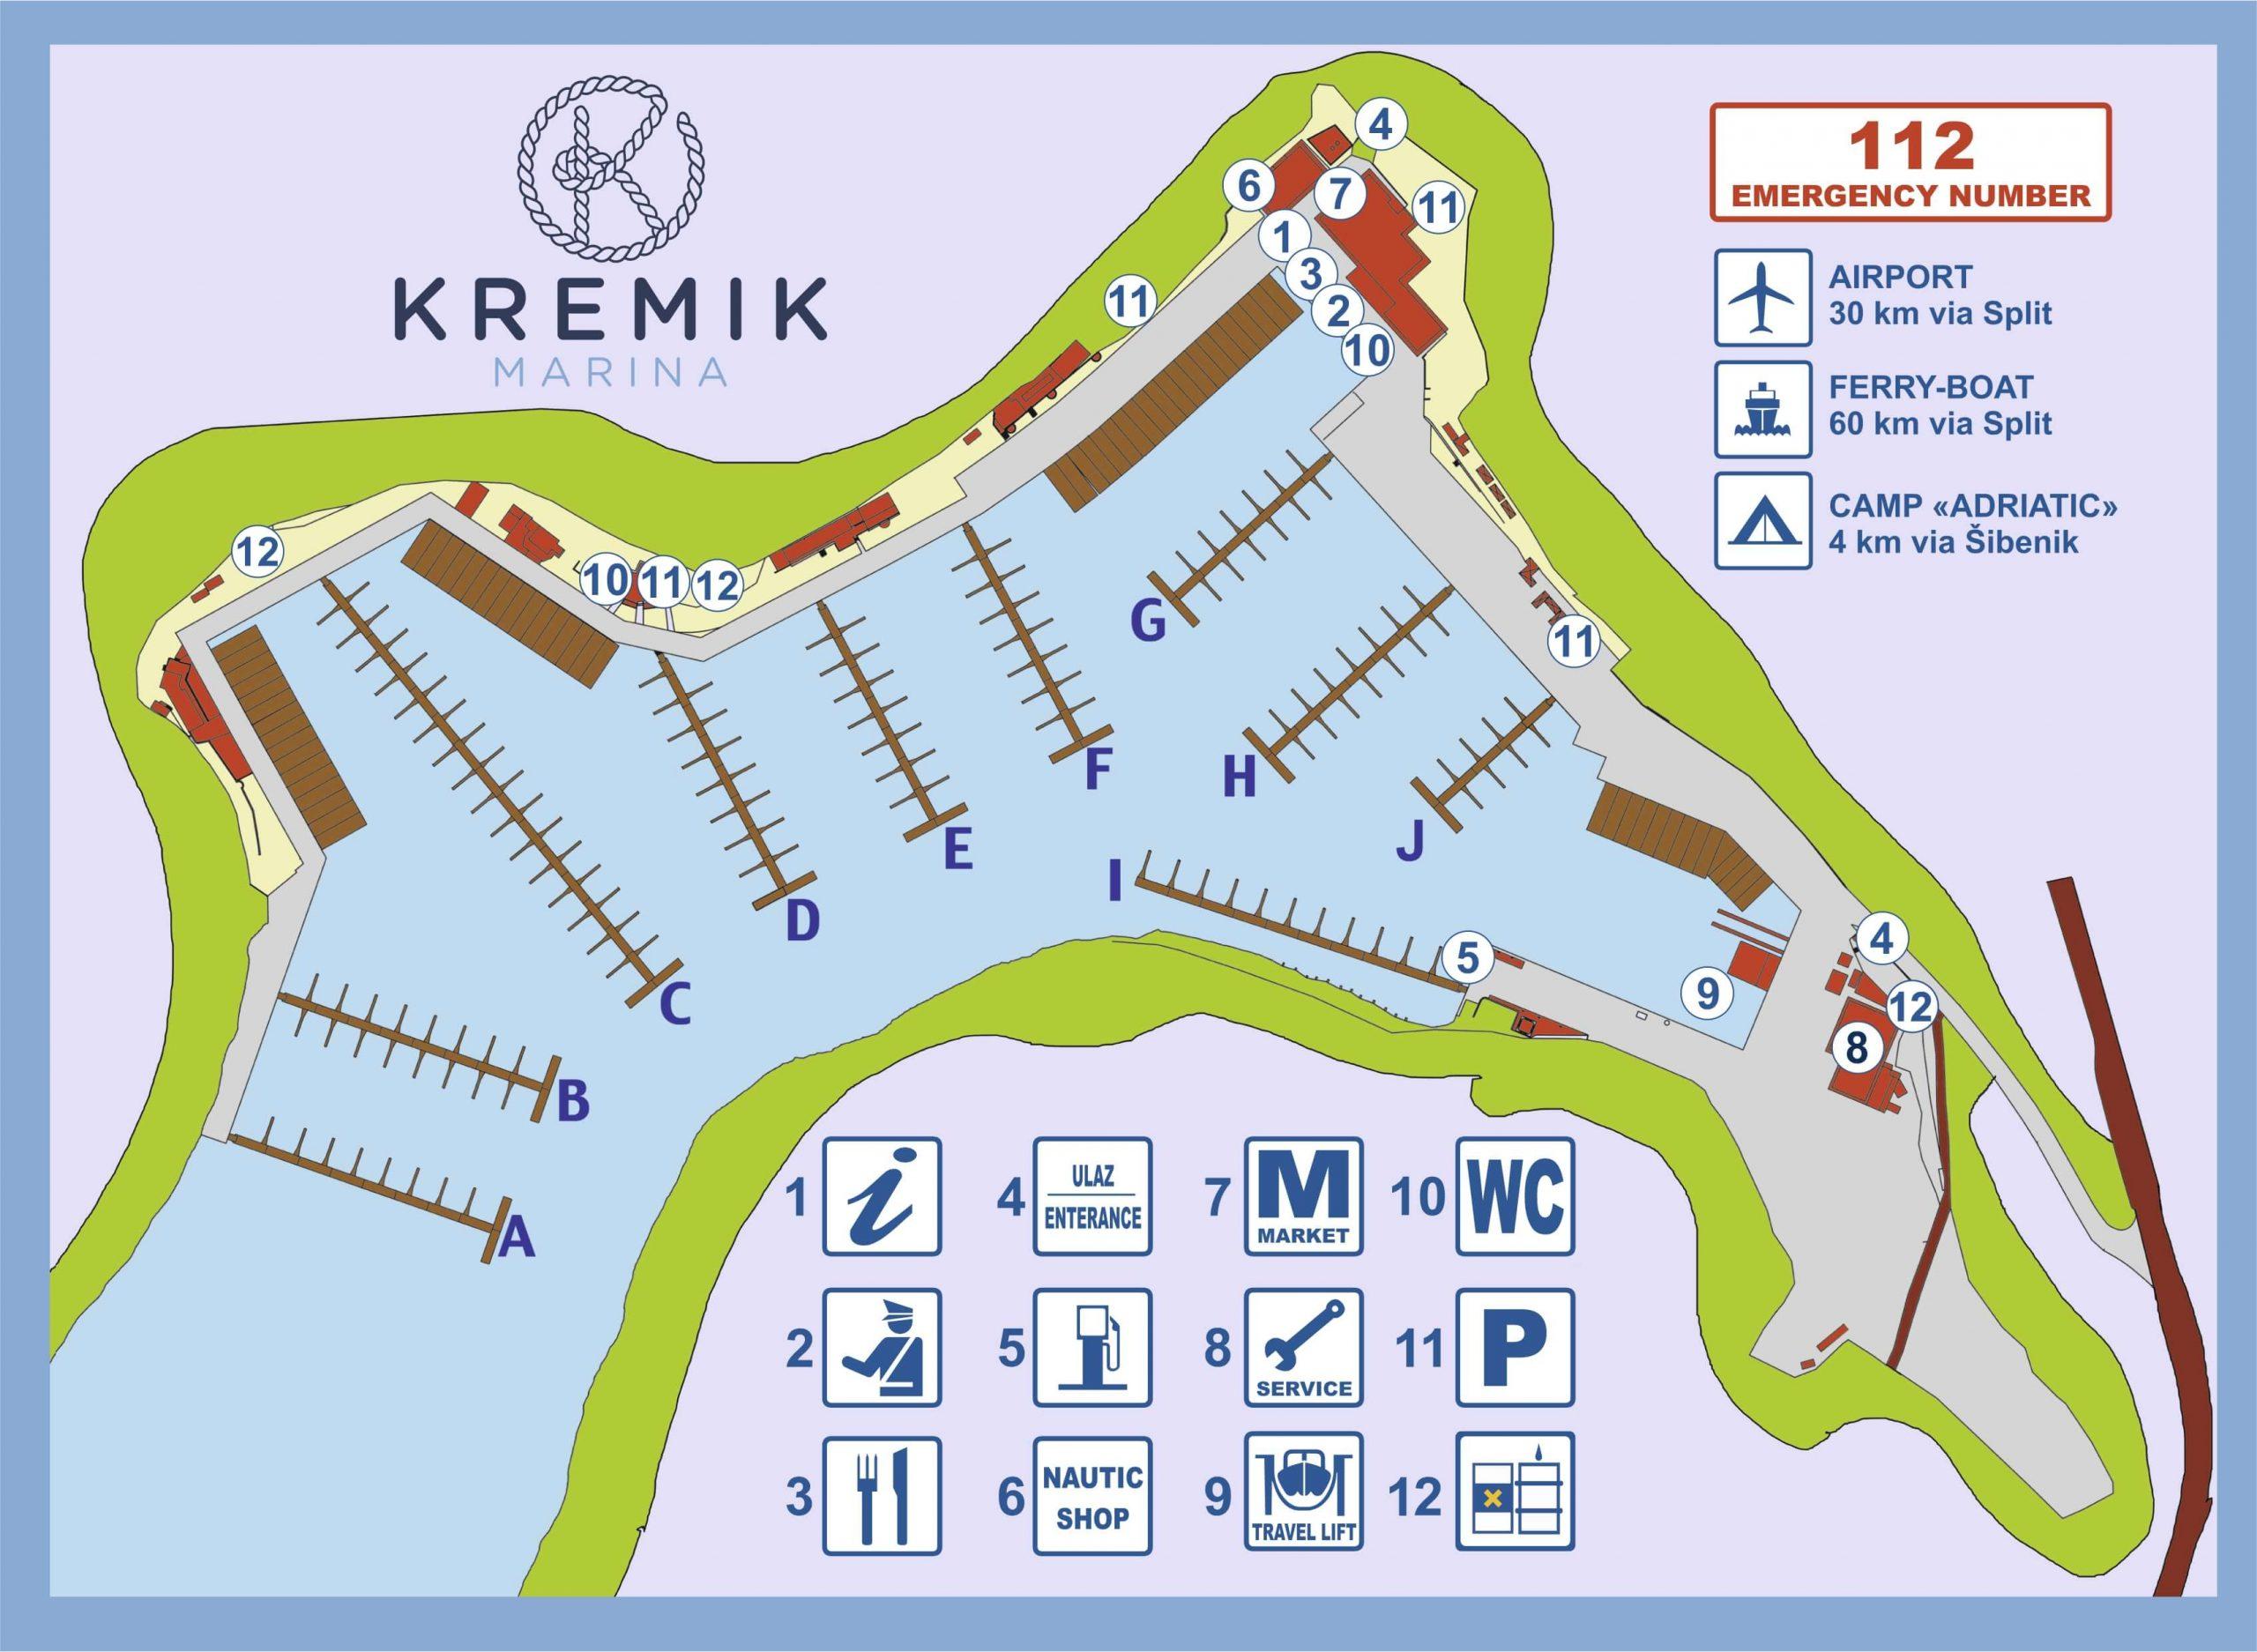 mapa marine kremik 2021 scaled - Kremik Marina